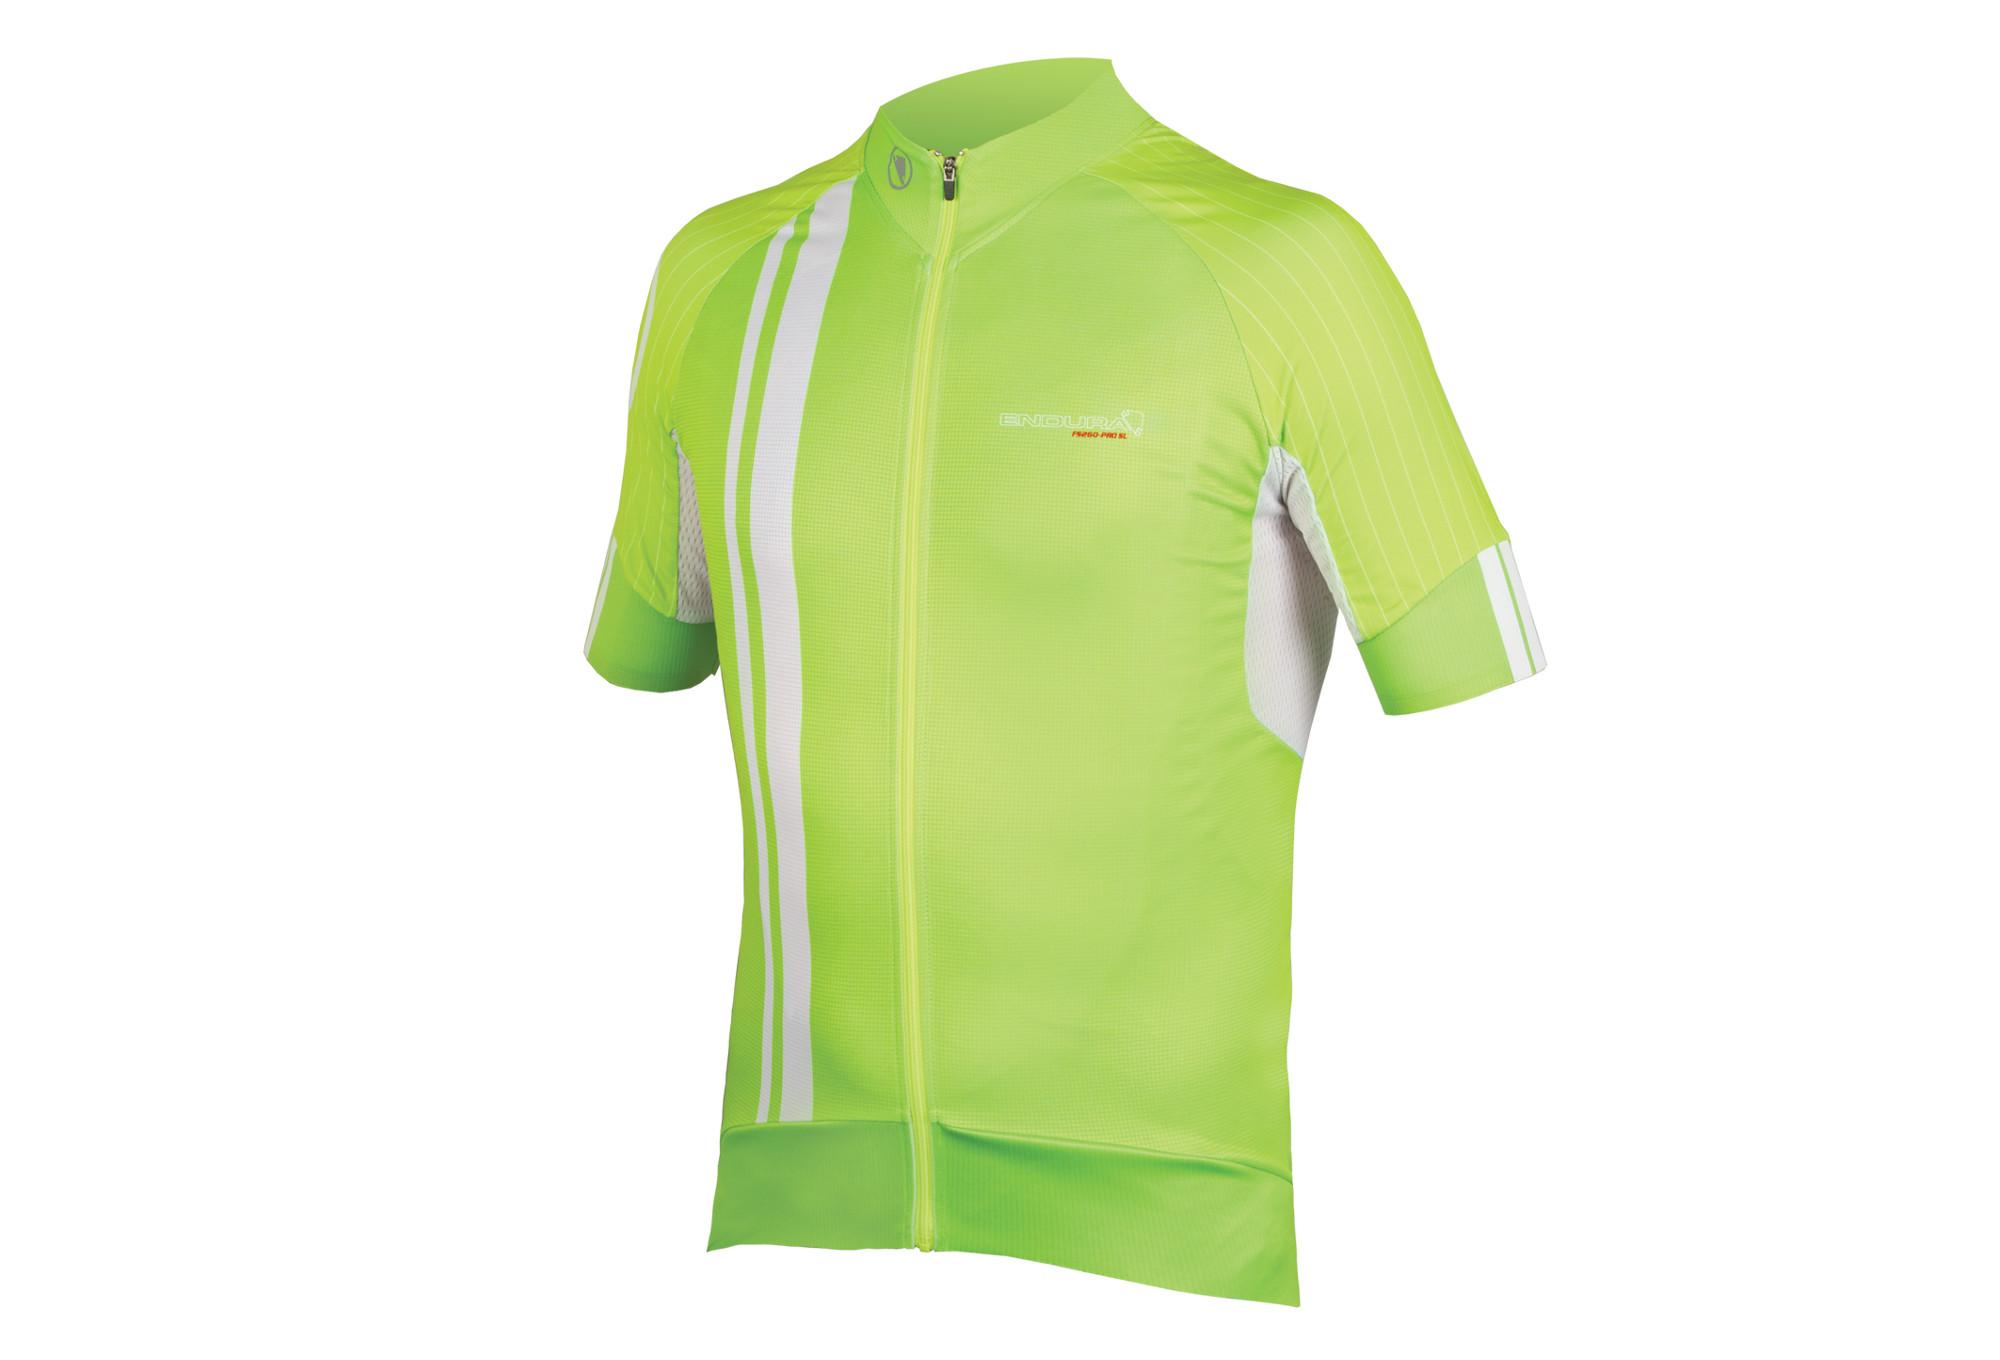 b0dd94e14 ENDURA Jersey FS260-PRO SL II Green